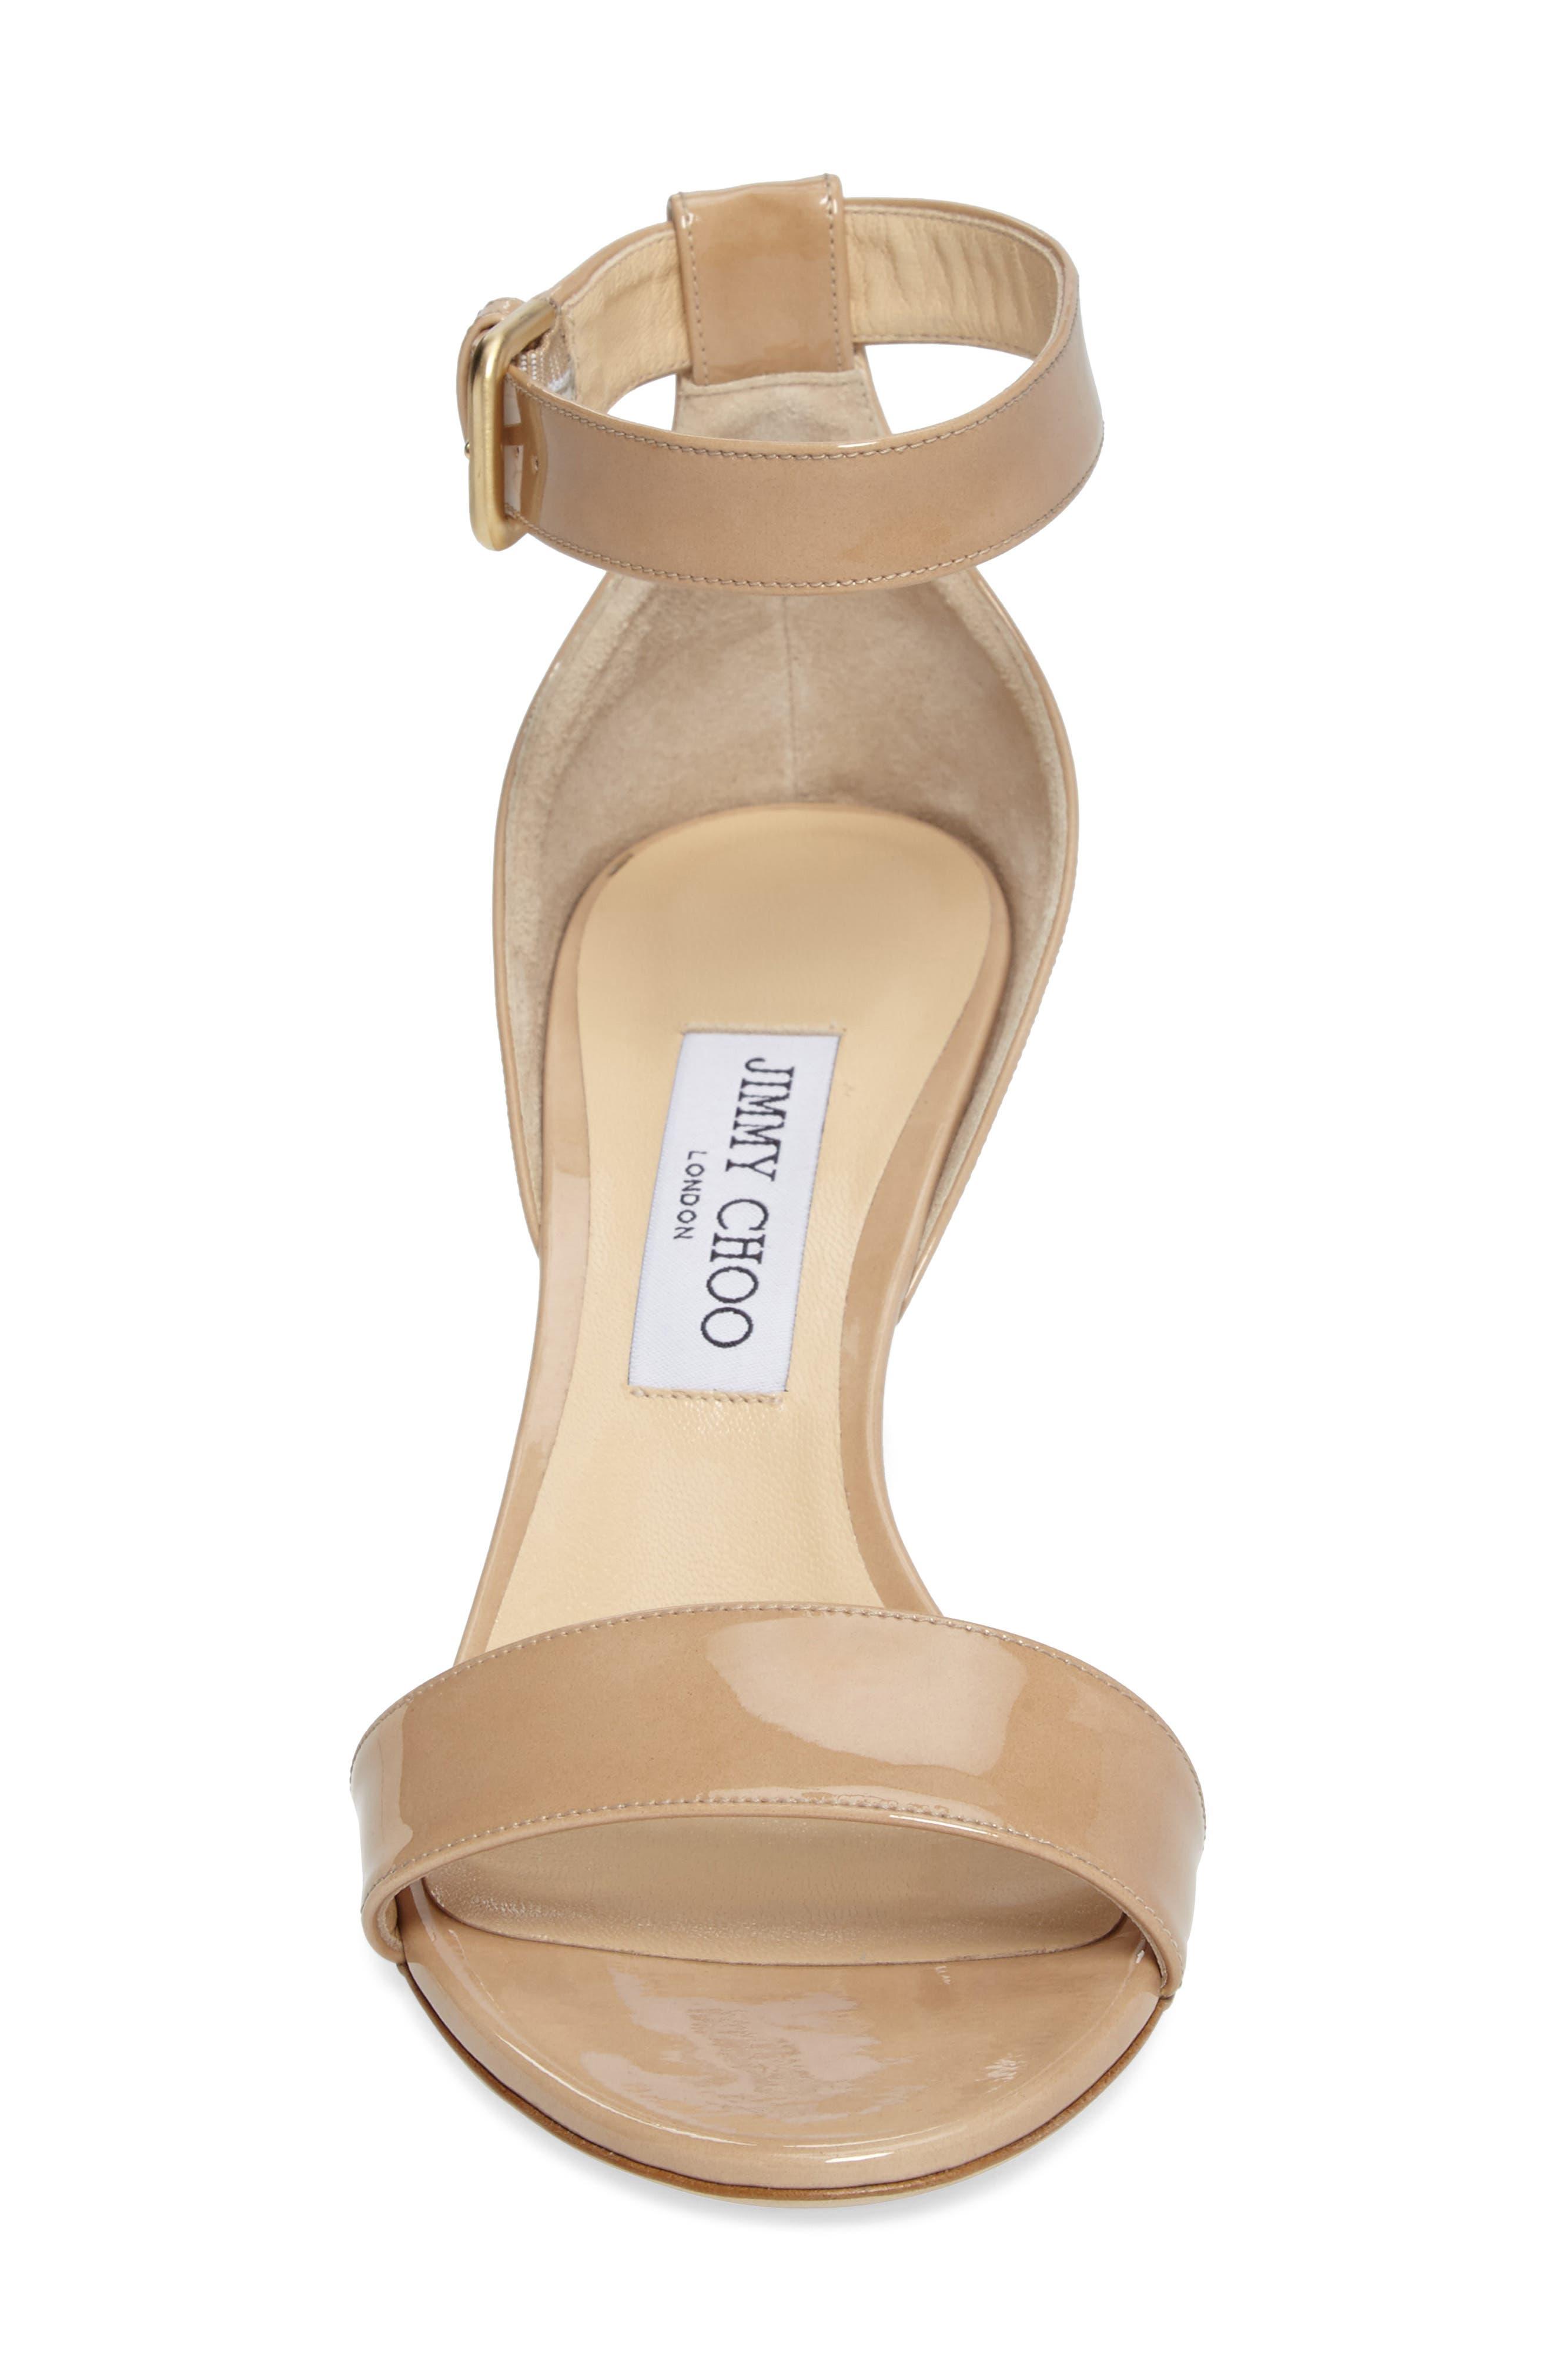 Edina Ankle Strap Sandal,                             Alternate thumbnail 4, color,                             Nude Patent